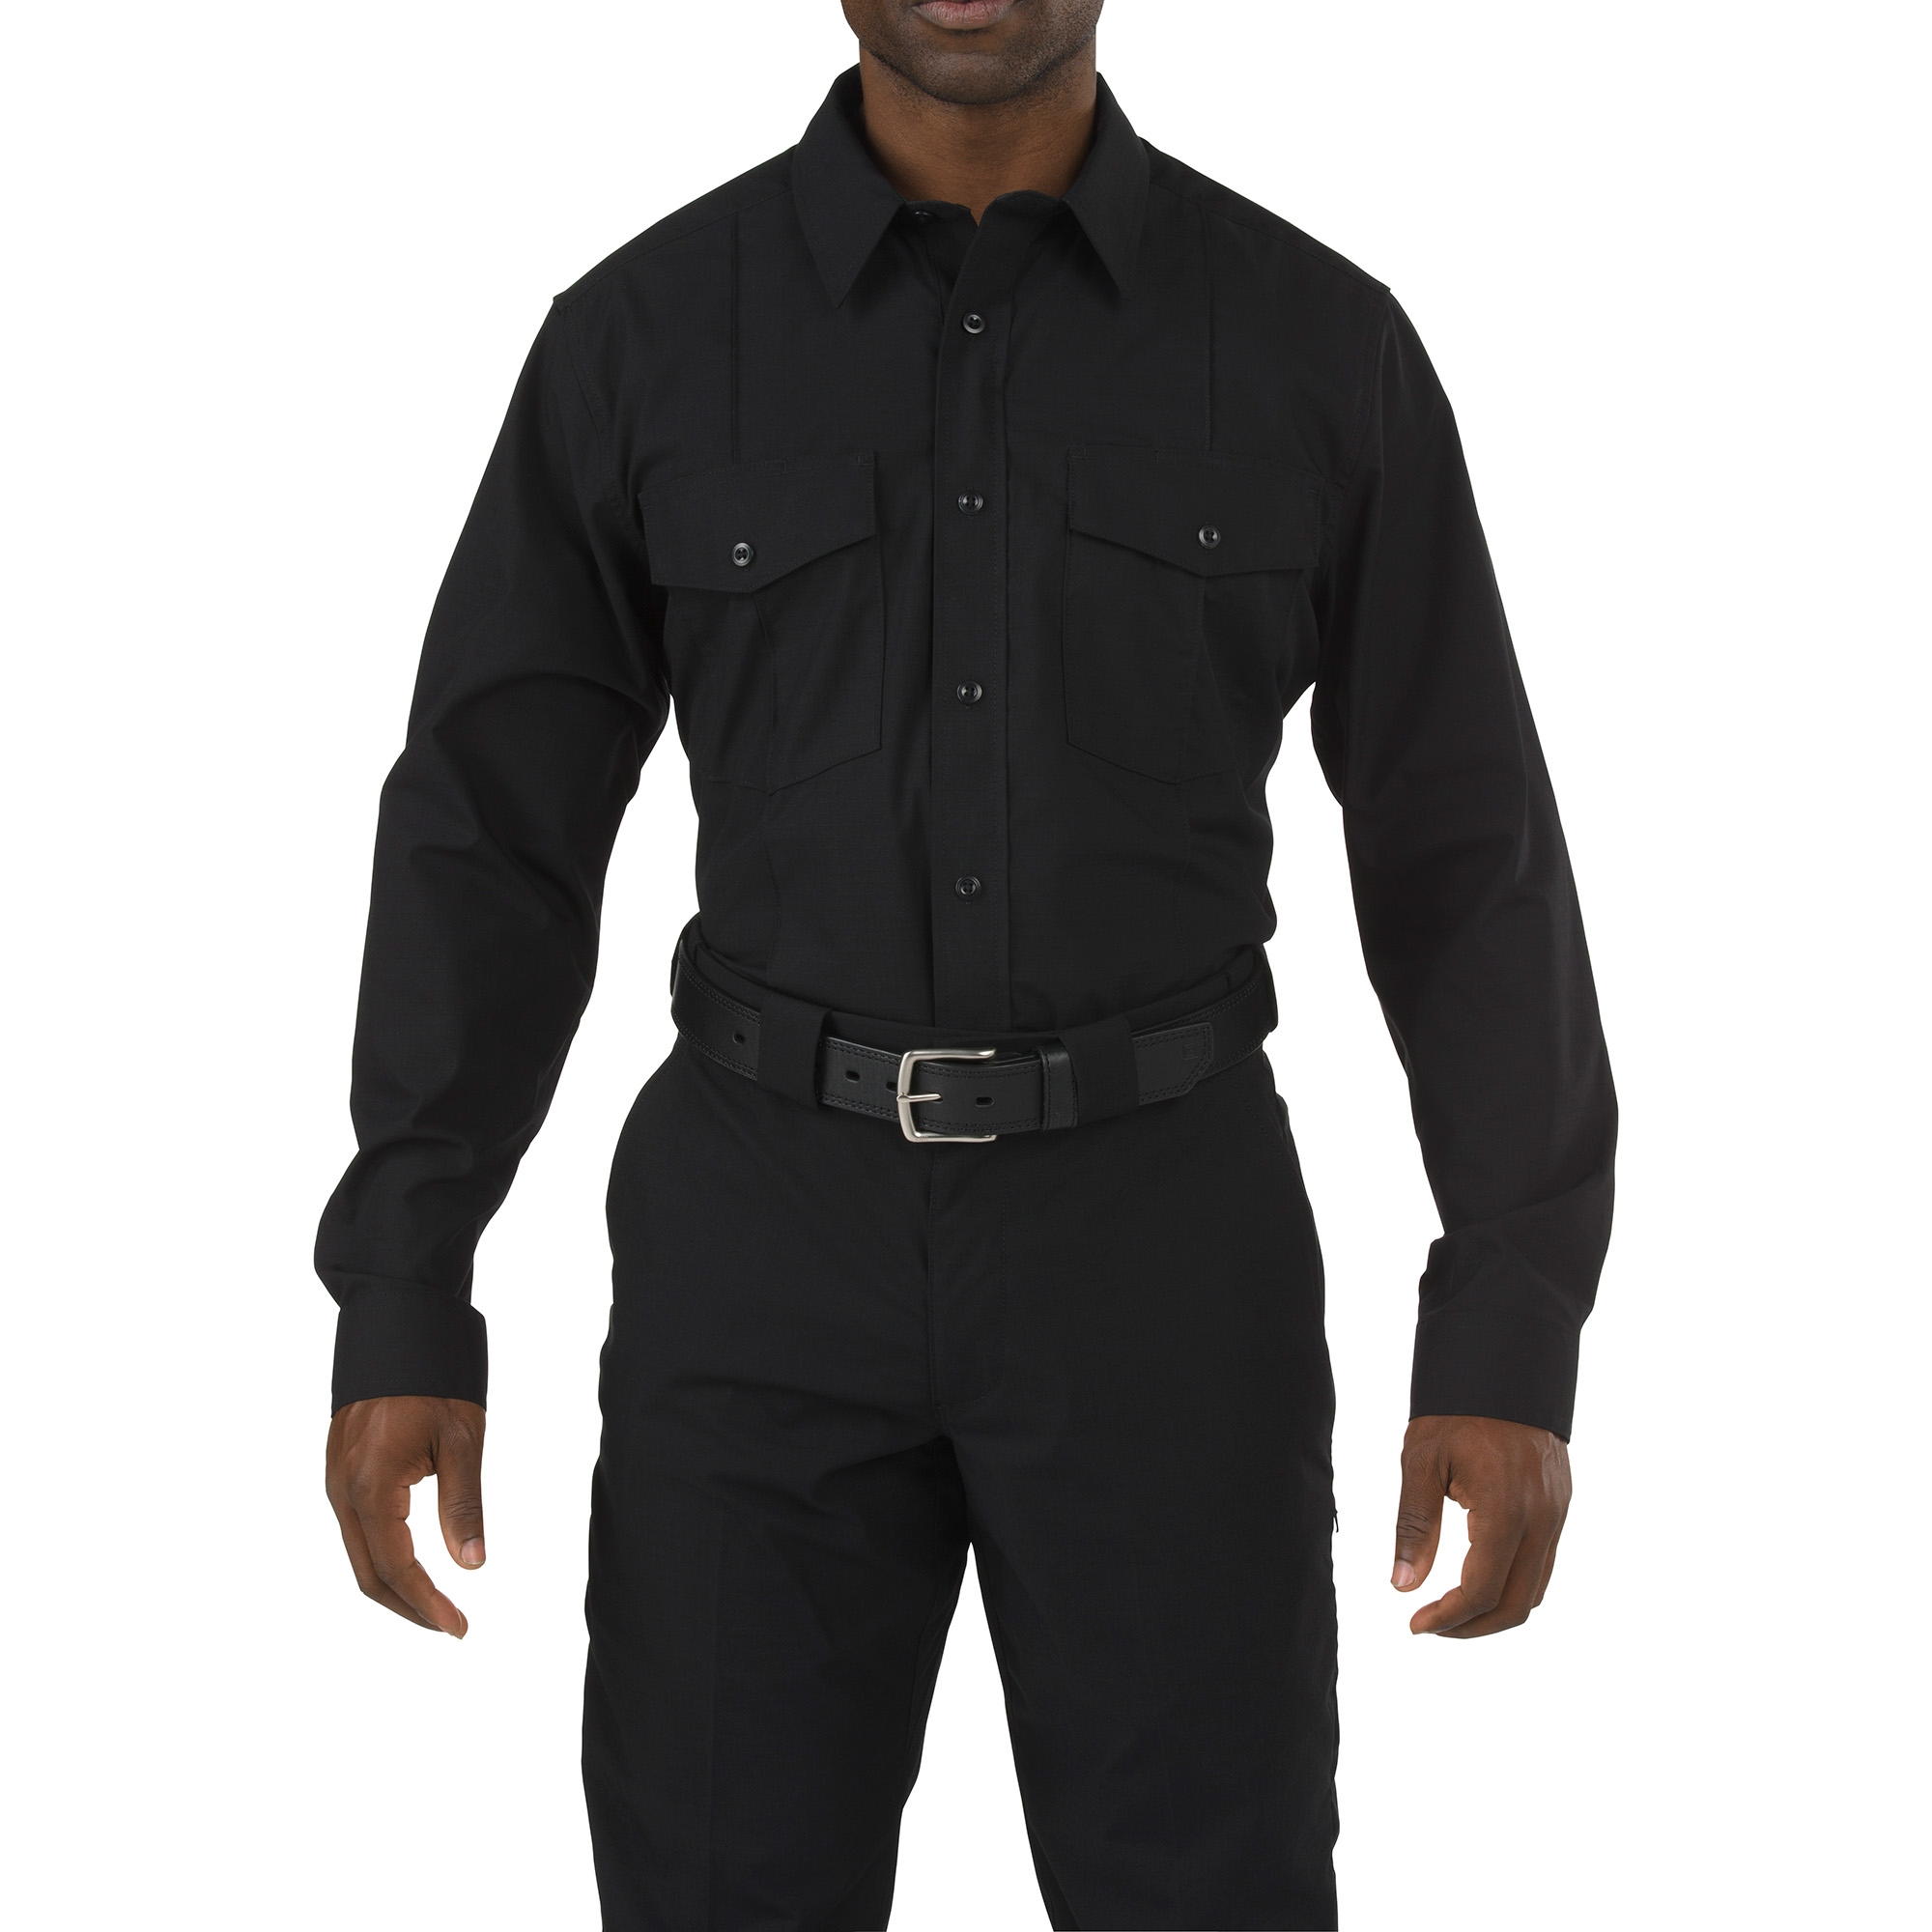 5.11 Stryke™ Class-A PDU® Long Sleeve Shirt